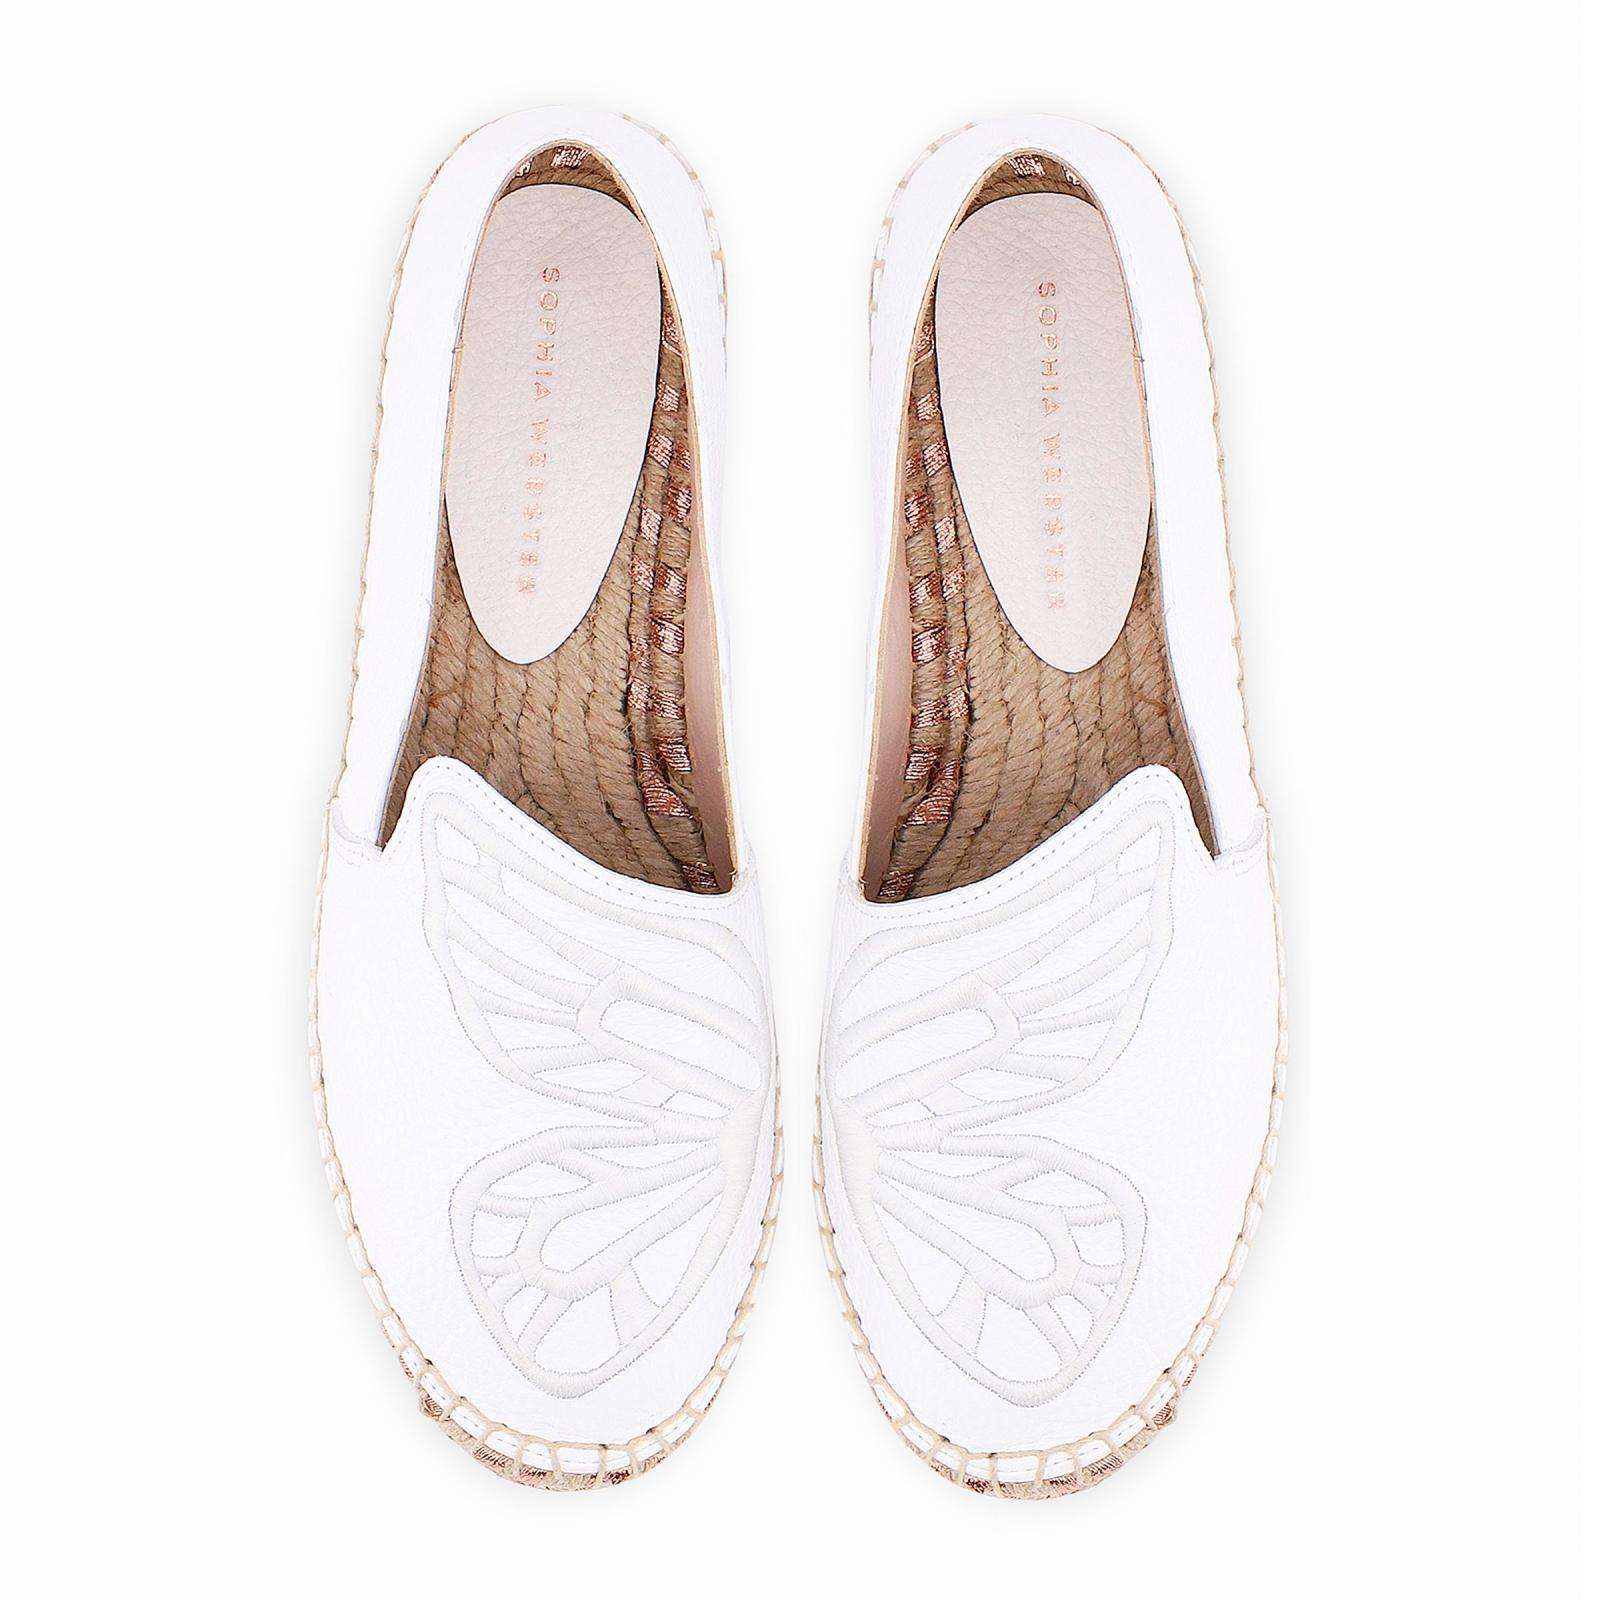 Espadrillas a farfalla in pelle bianca semplici ma eleganti con dettaglio di ali di farfalla nello stile tipico di Sophia Webster.